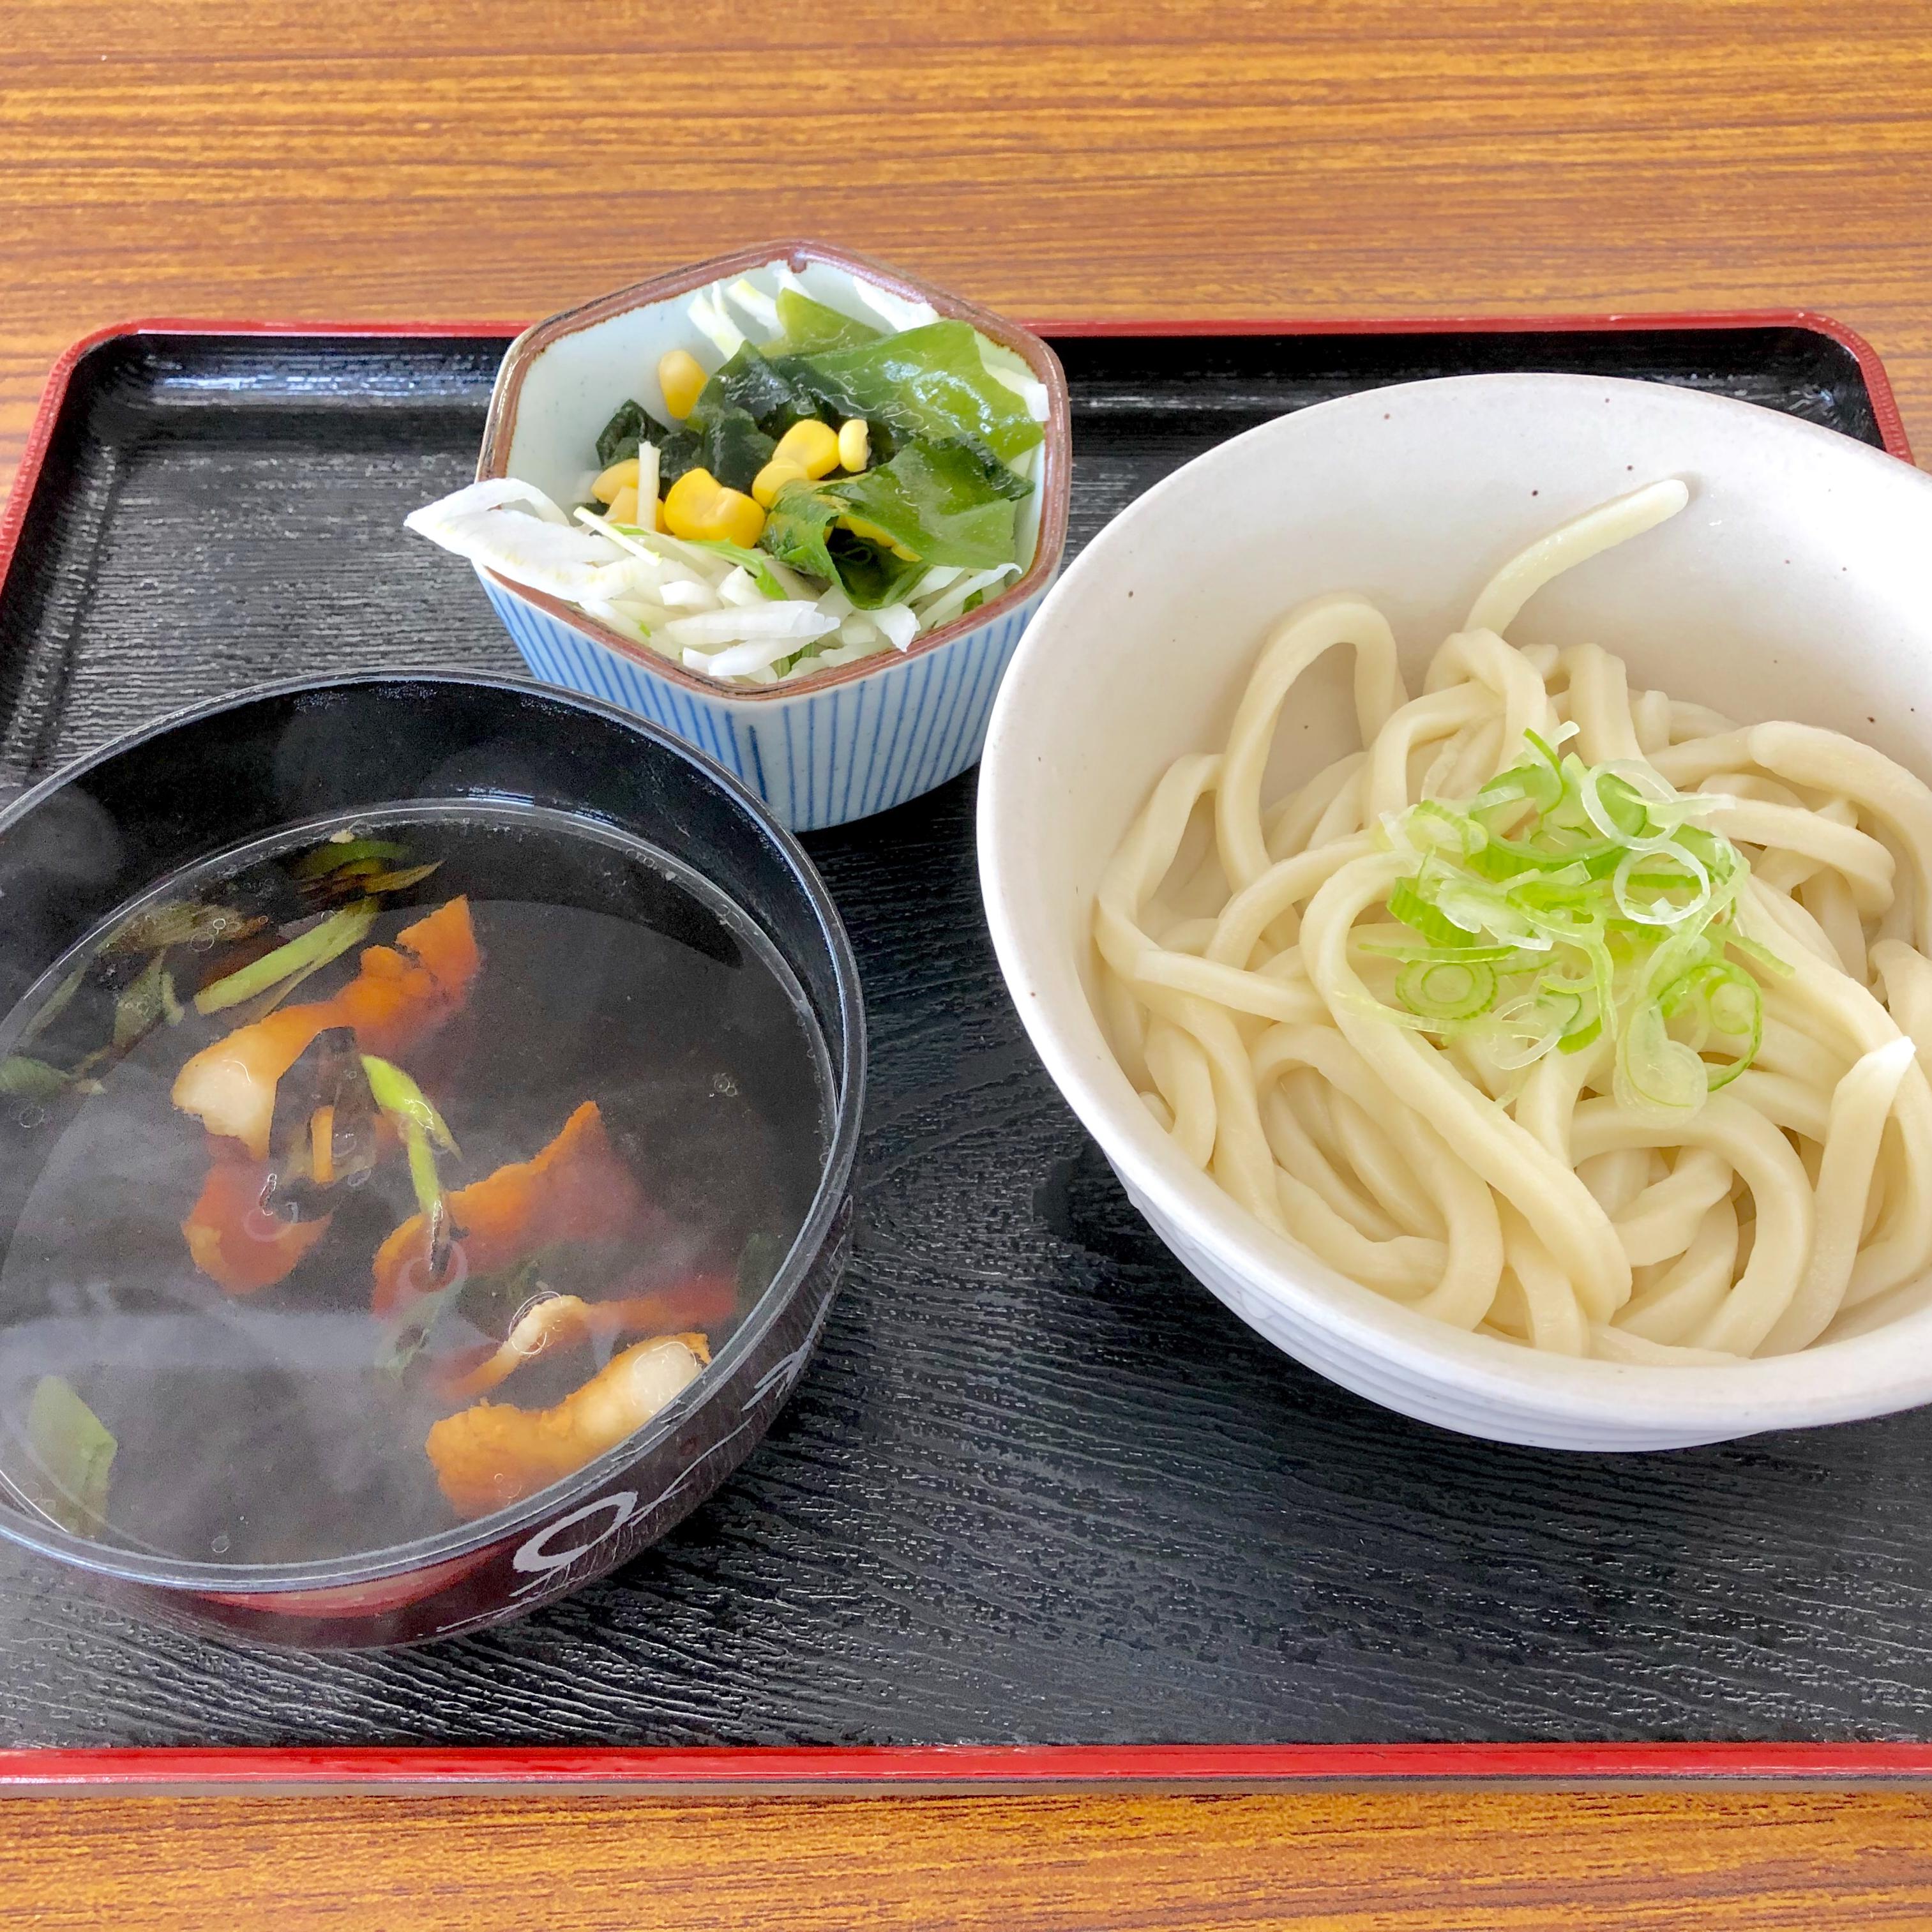 安藤製麺|桶川で讃岐うどんを食べるならここ!驚異のコスパ感もナイス!